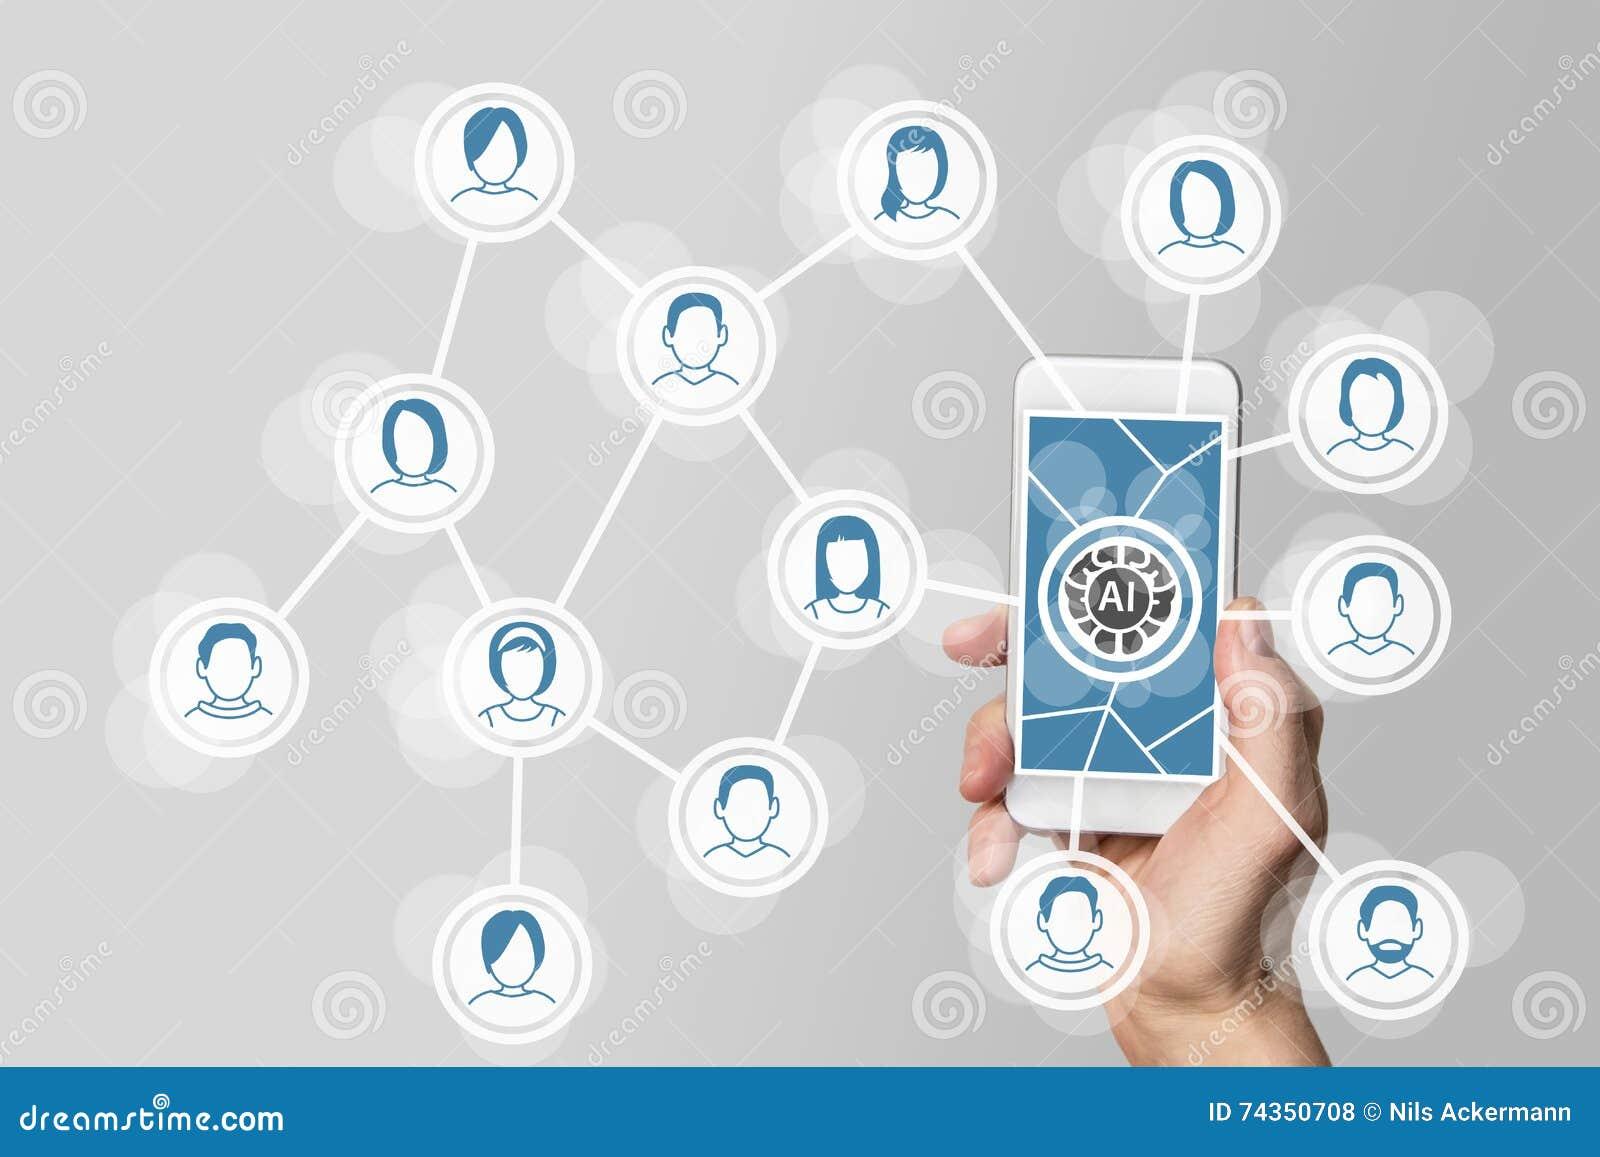 Réseaux sociaux pour brancher